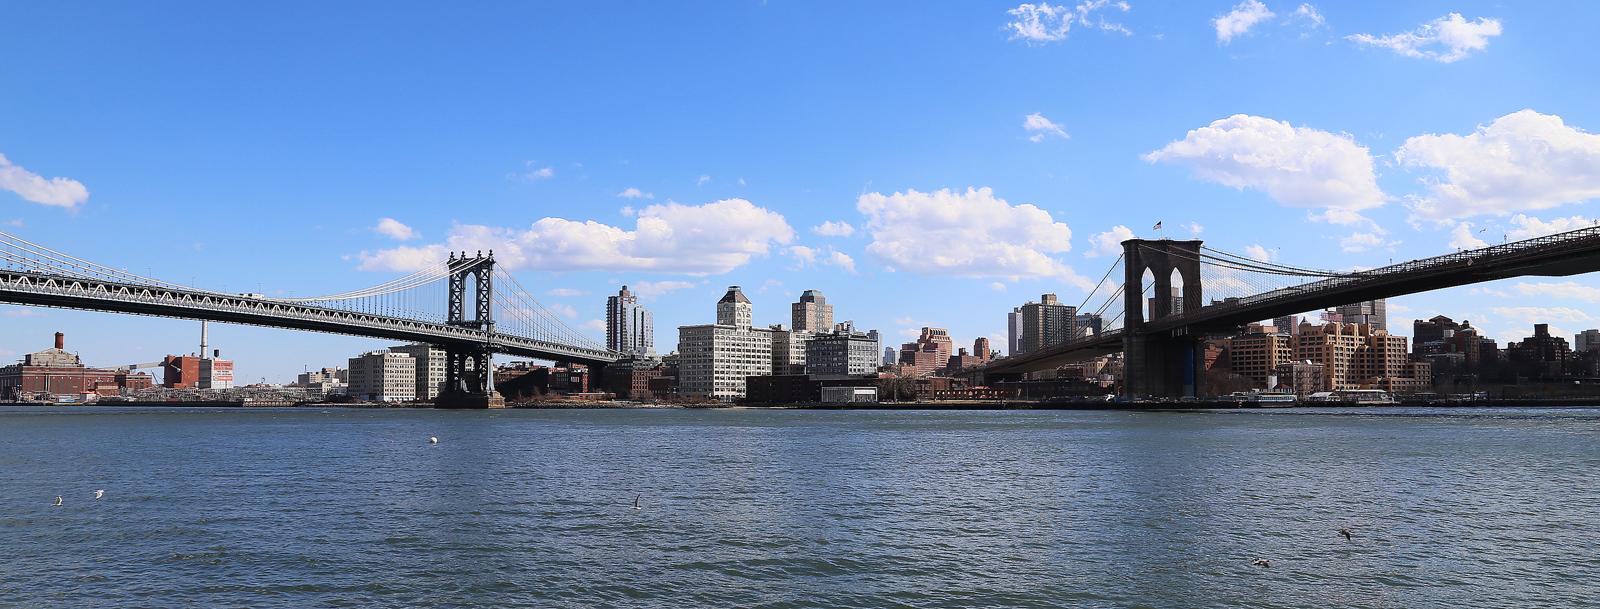 Manhattan Bridge till vänster och Brooklyn Bridge till höger.